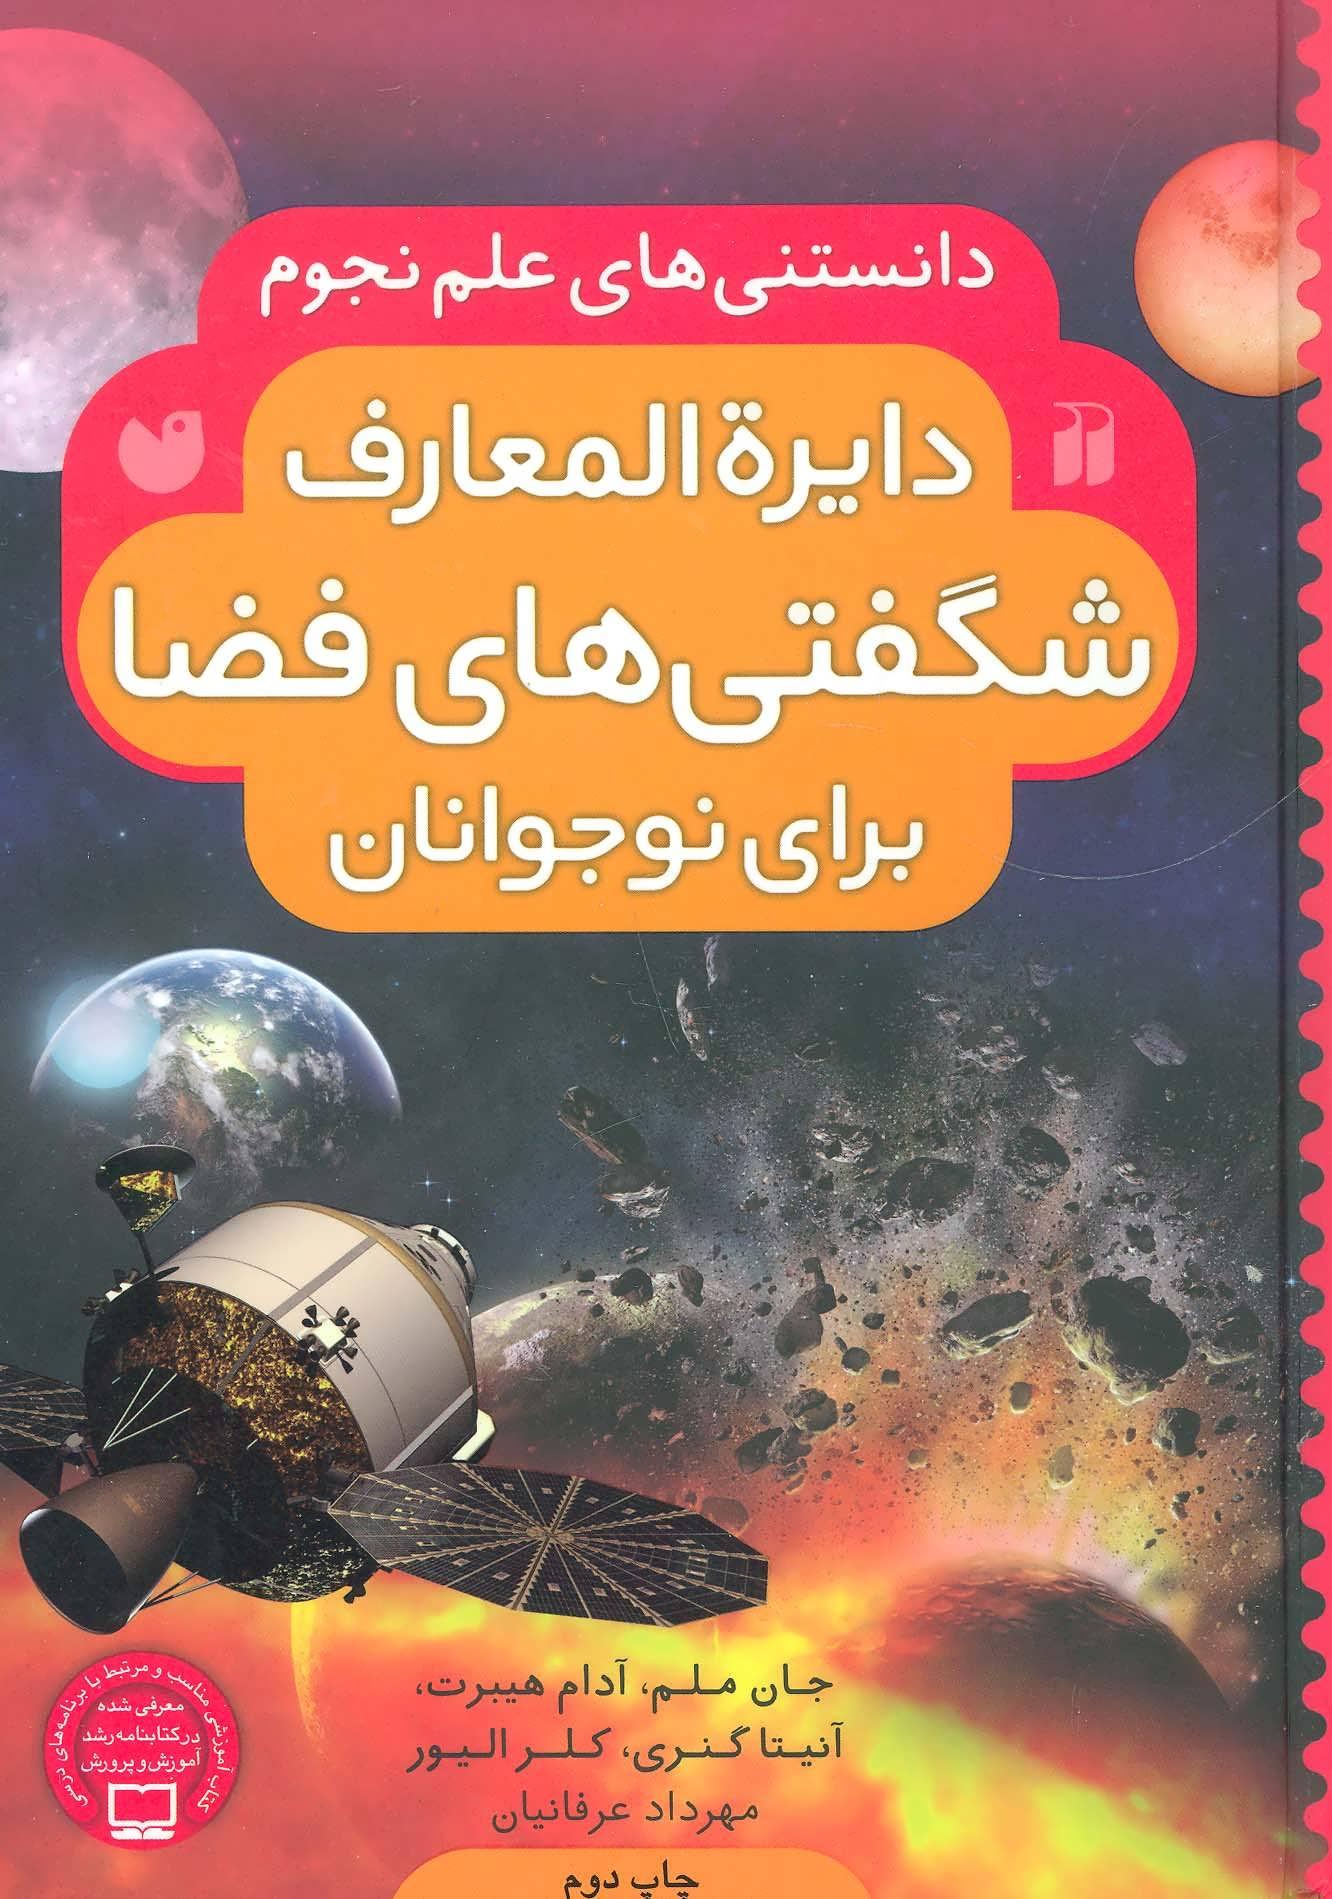 کتاب دایره المعارف شگفتیهای فضا برای نوجوانان